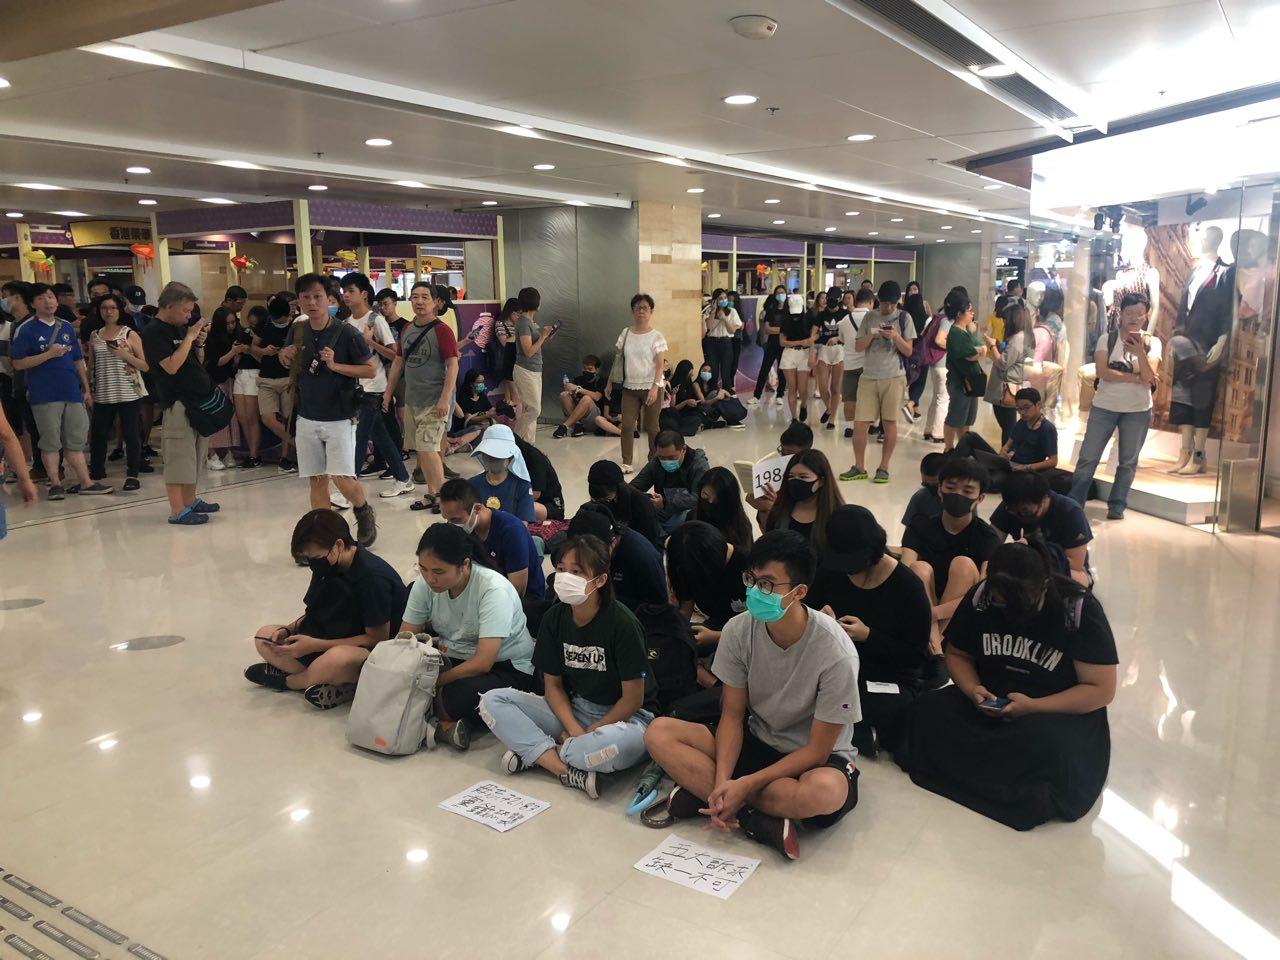 9月7日下午,香港市民自發在港鐵旗下的九龍灣德福商場靜坐抗議。(梁珍/大紀元)